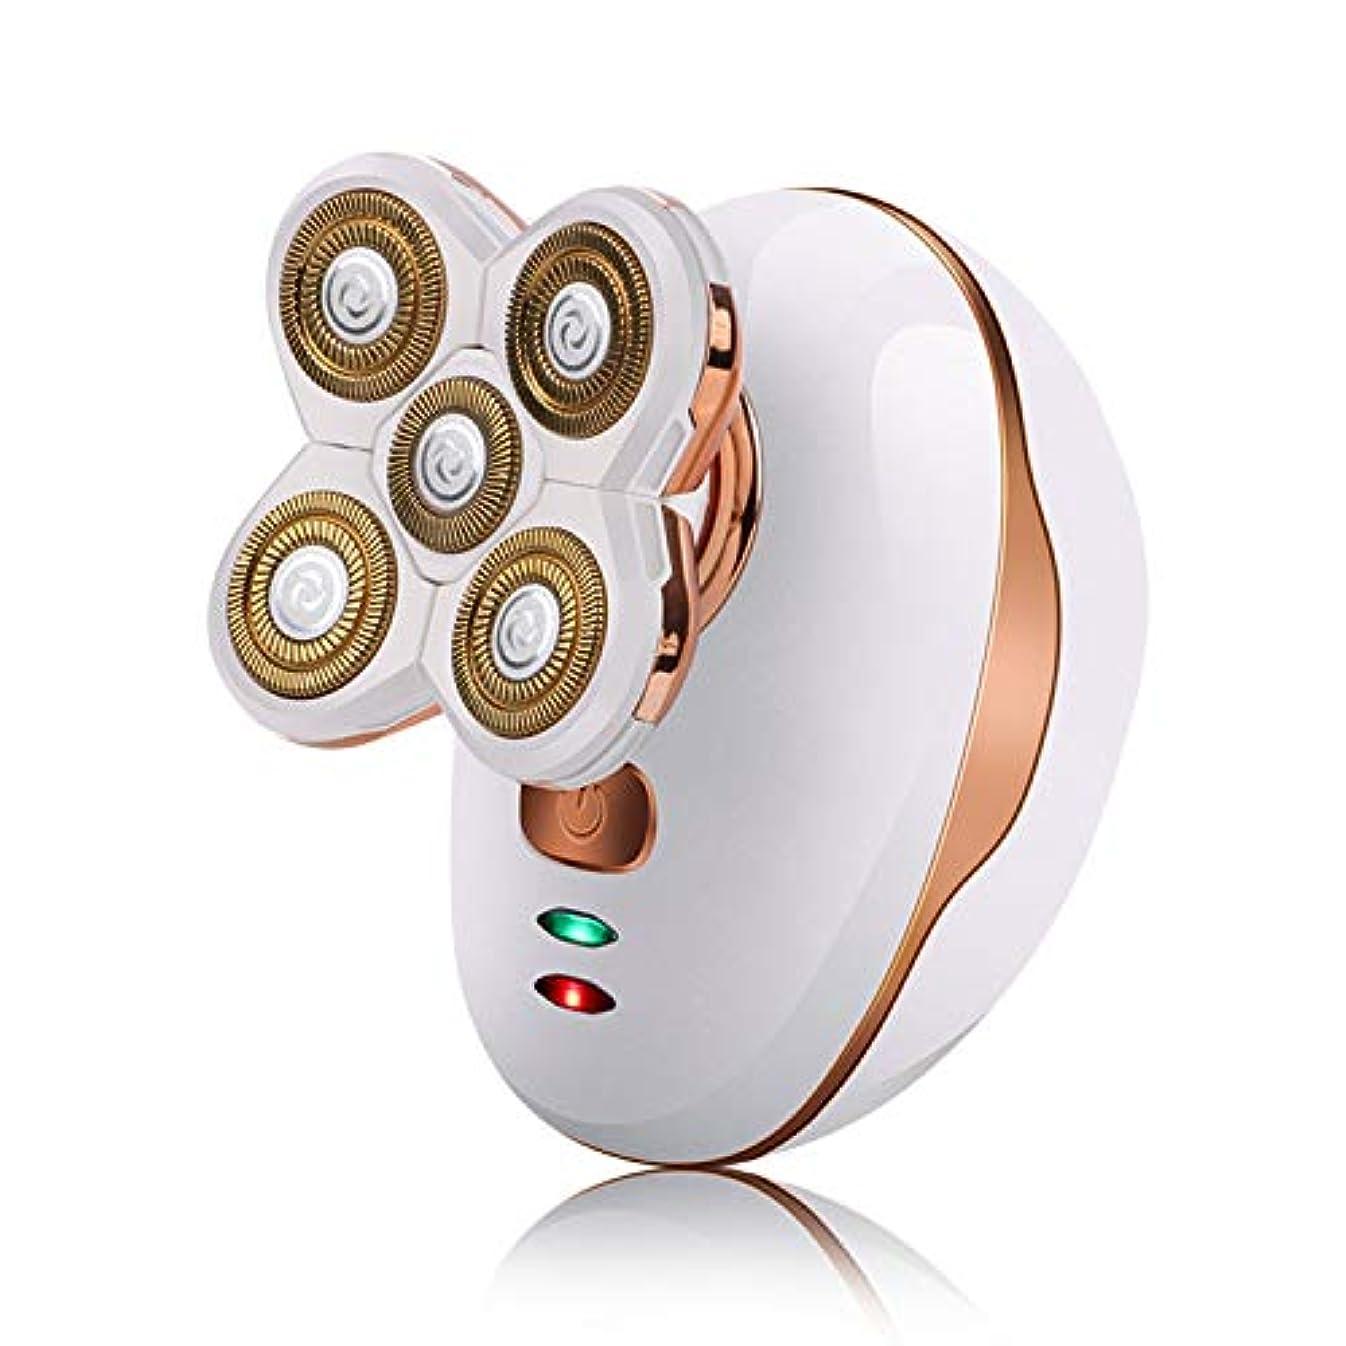 ゲートウェイデコレーション実業家5カッターヘッド電気メンズかみそり、ファッション充電式防水シェービングカミソリ,White